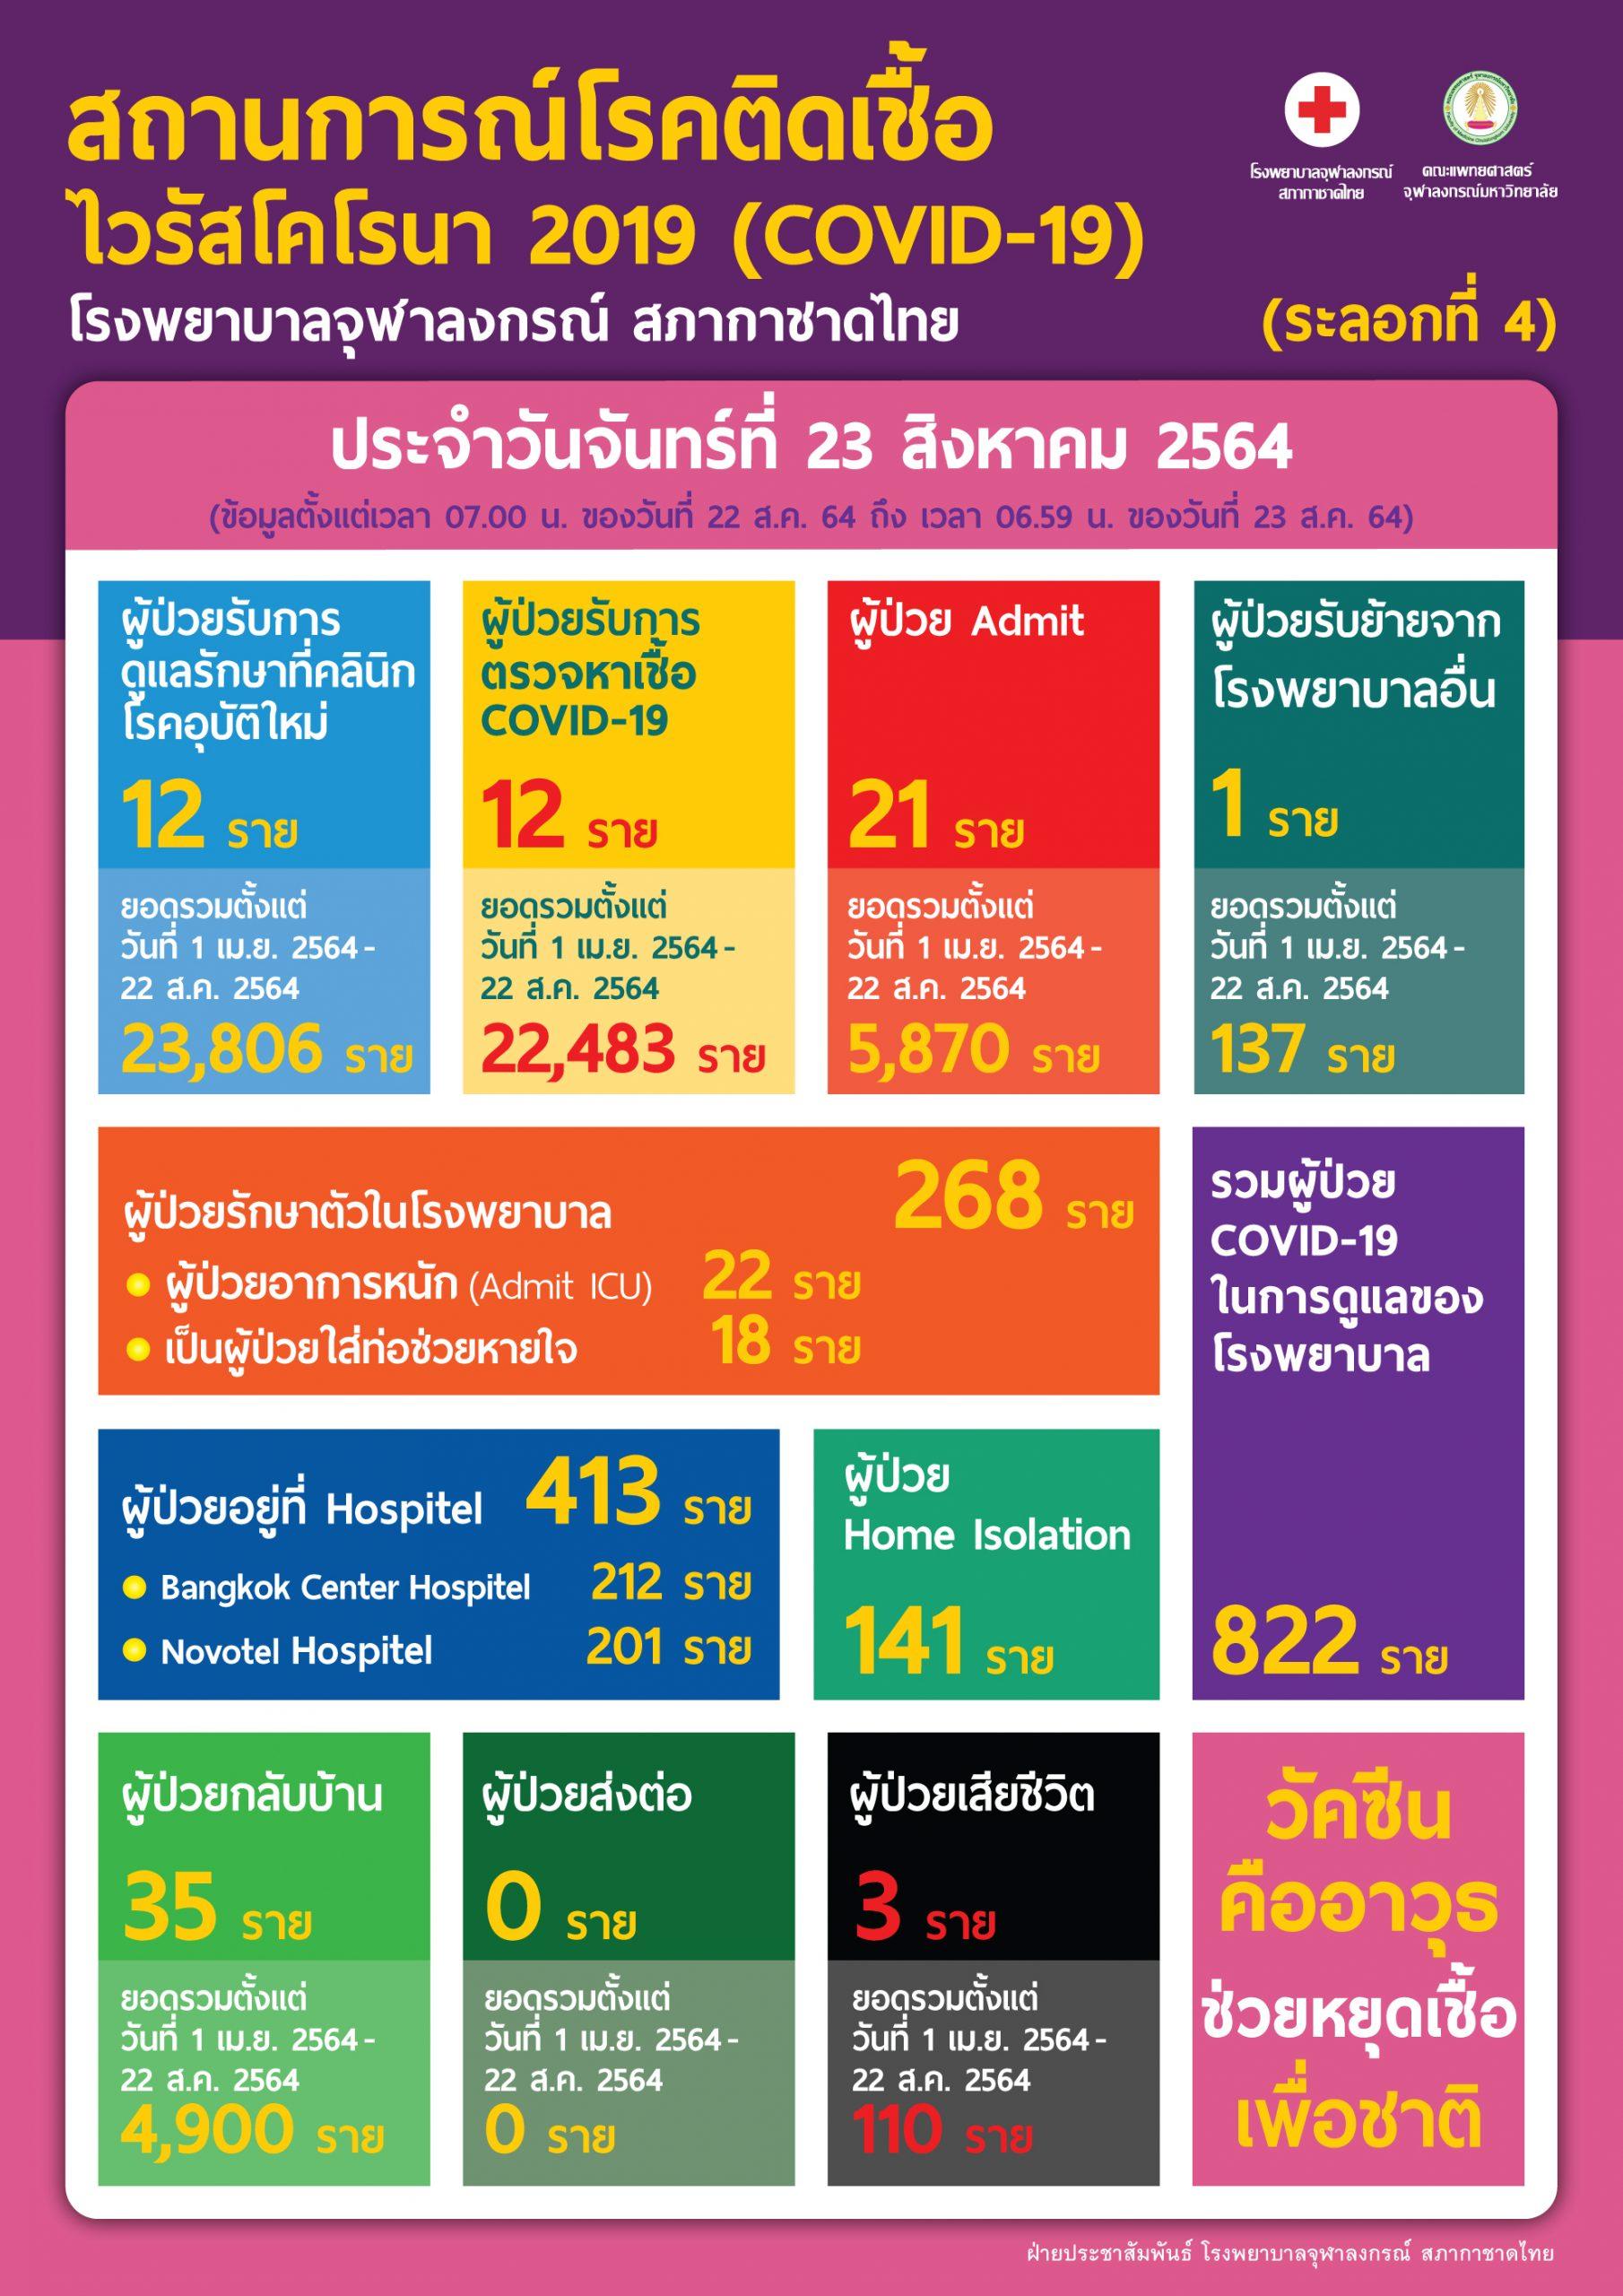 สถานการณ์โรคติดเชื้อไวรัสโคโรนา 2019 (COVID-19) (ระลอกที่ 4) โรงพยาบาลจุฬาลงกรณ์ สภากาชาดไทย  ประจำวันจันทร์ที่ 23 สิงหาคม 2564